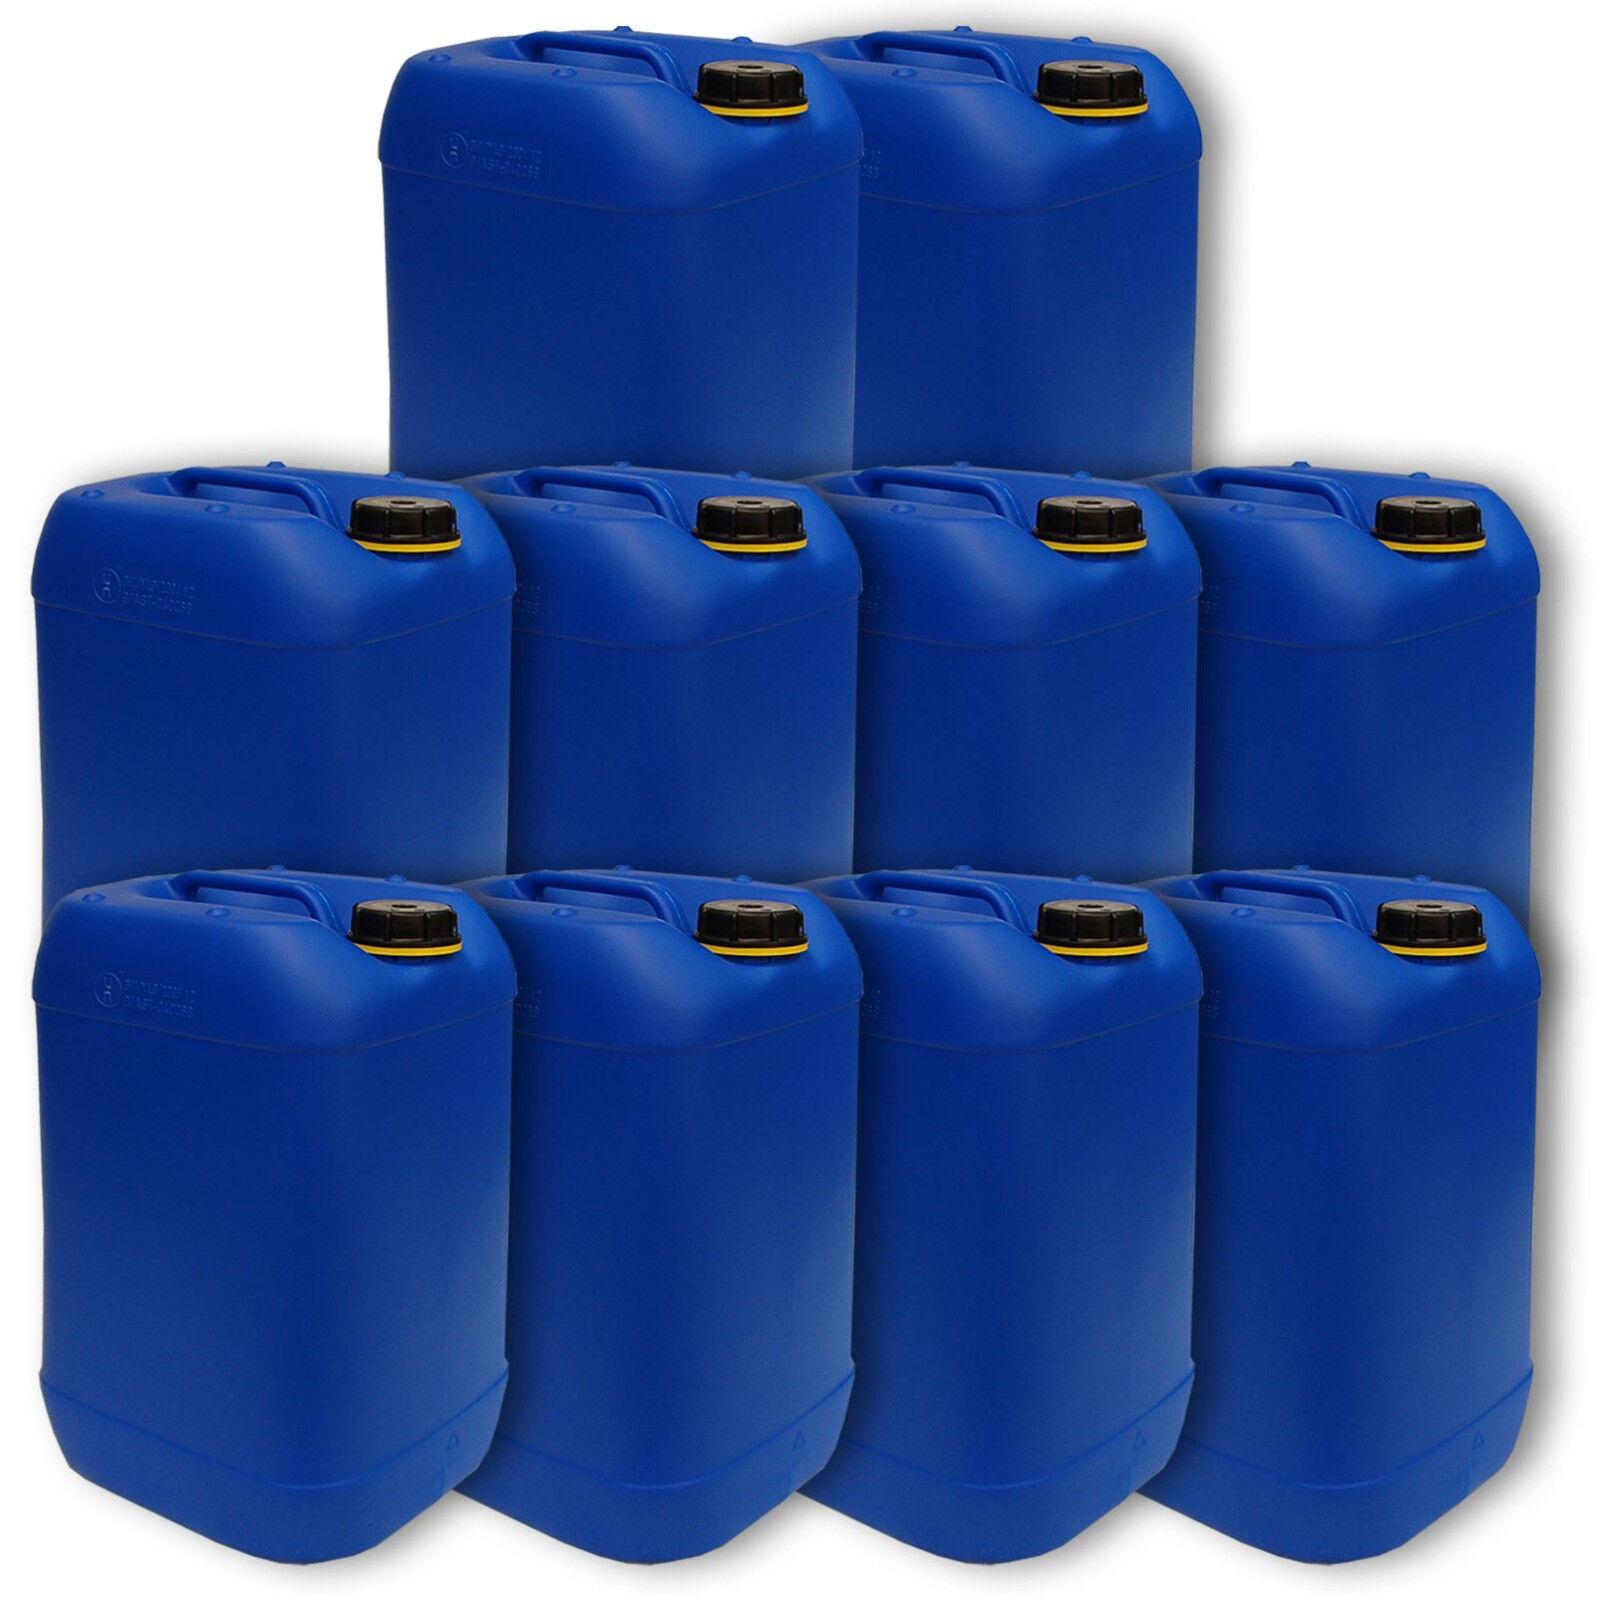 10er Set blauer Behälter Kanister für 20 Liter Inhalt aus Plastik leer unbenutzt